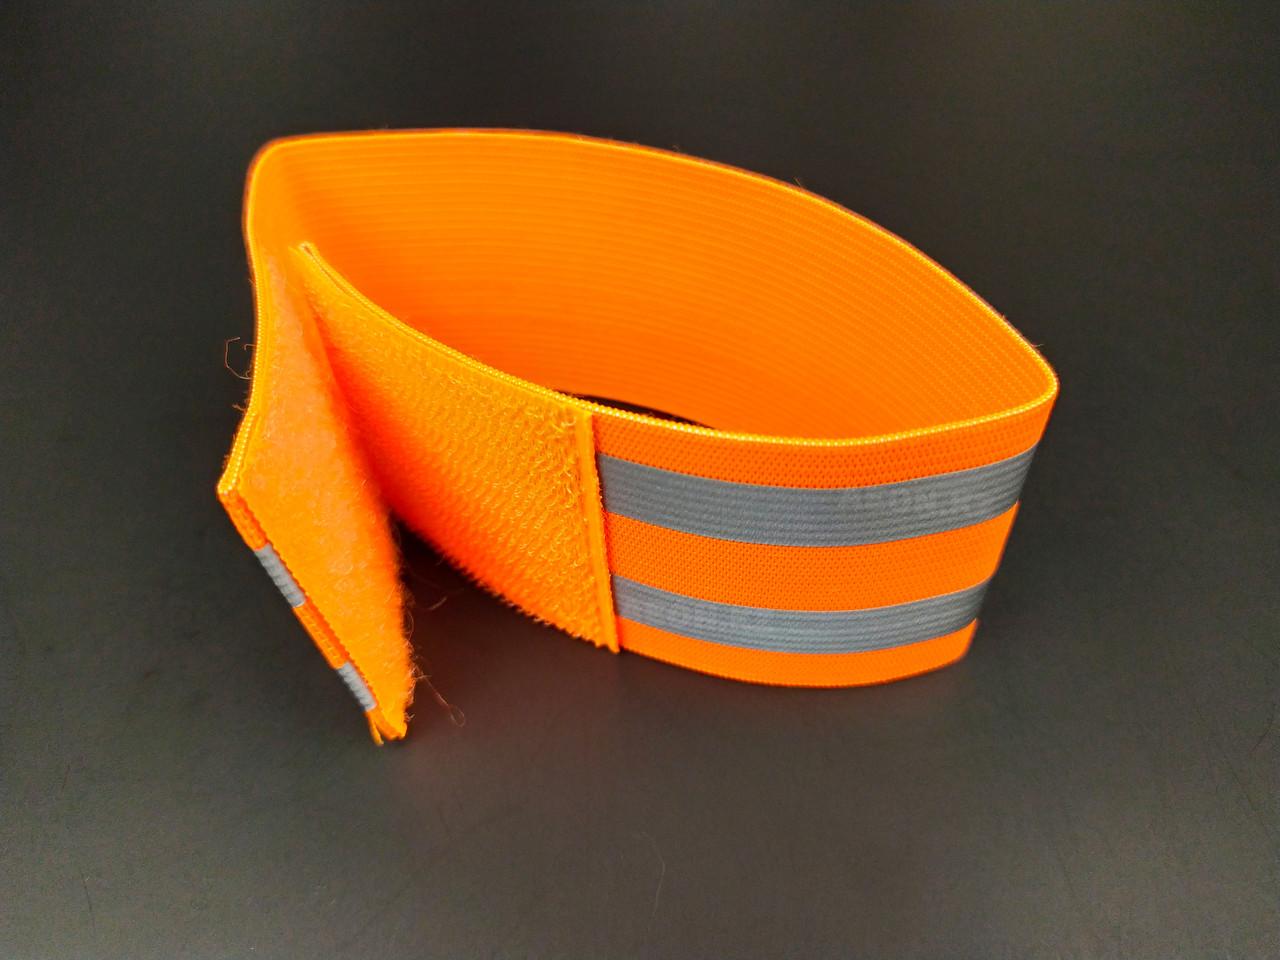 Светоотражающий эластичный браслет оранжевый с двумя полосками